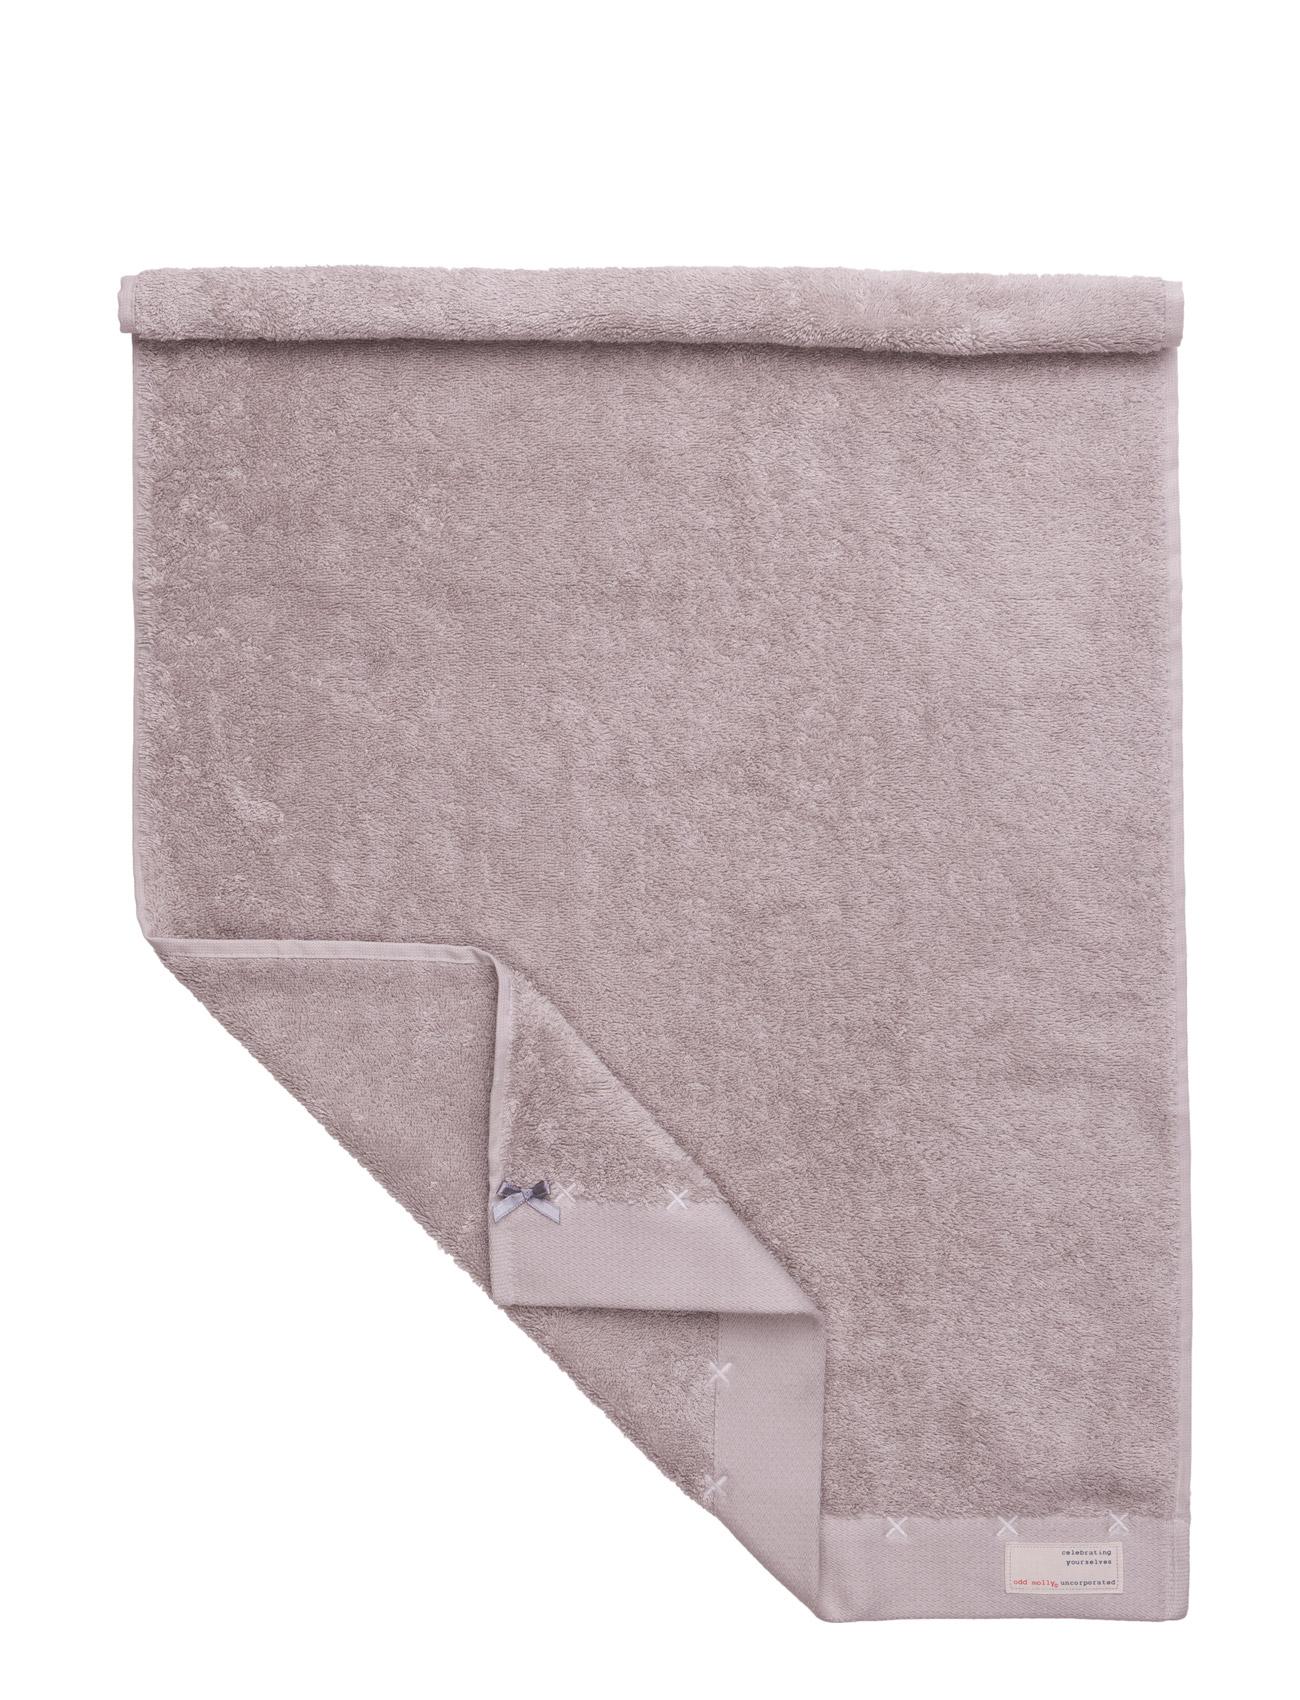 Sunday morning hand towel fra odd molly home på boozt.com dk